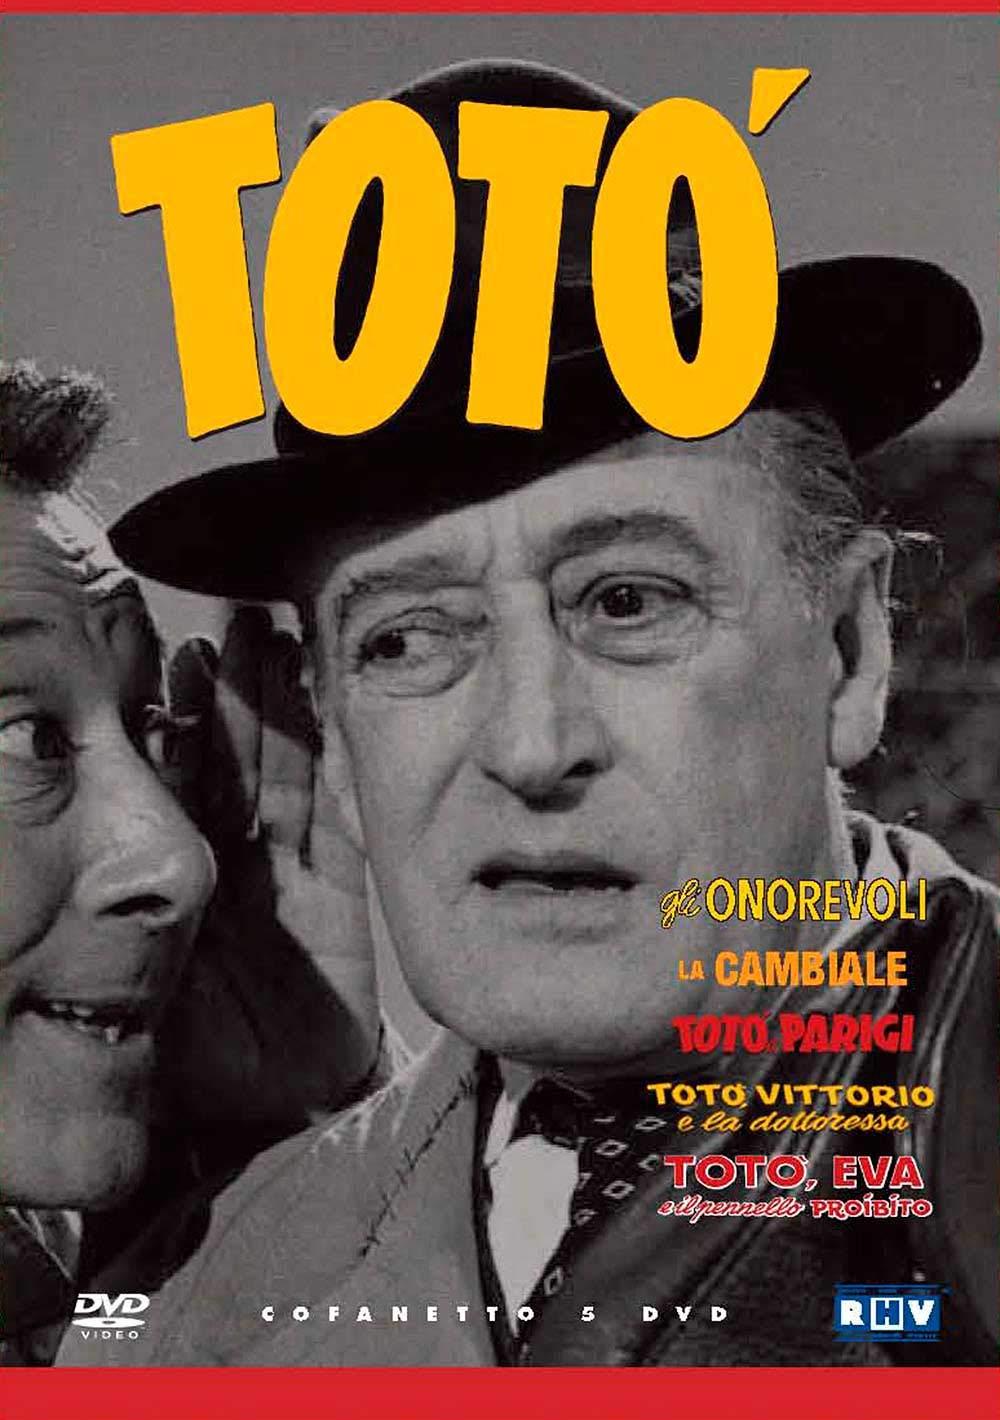 COF.TOTO' COFANETTO (5 DVD) (DVD)